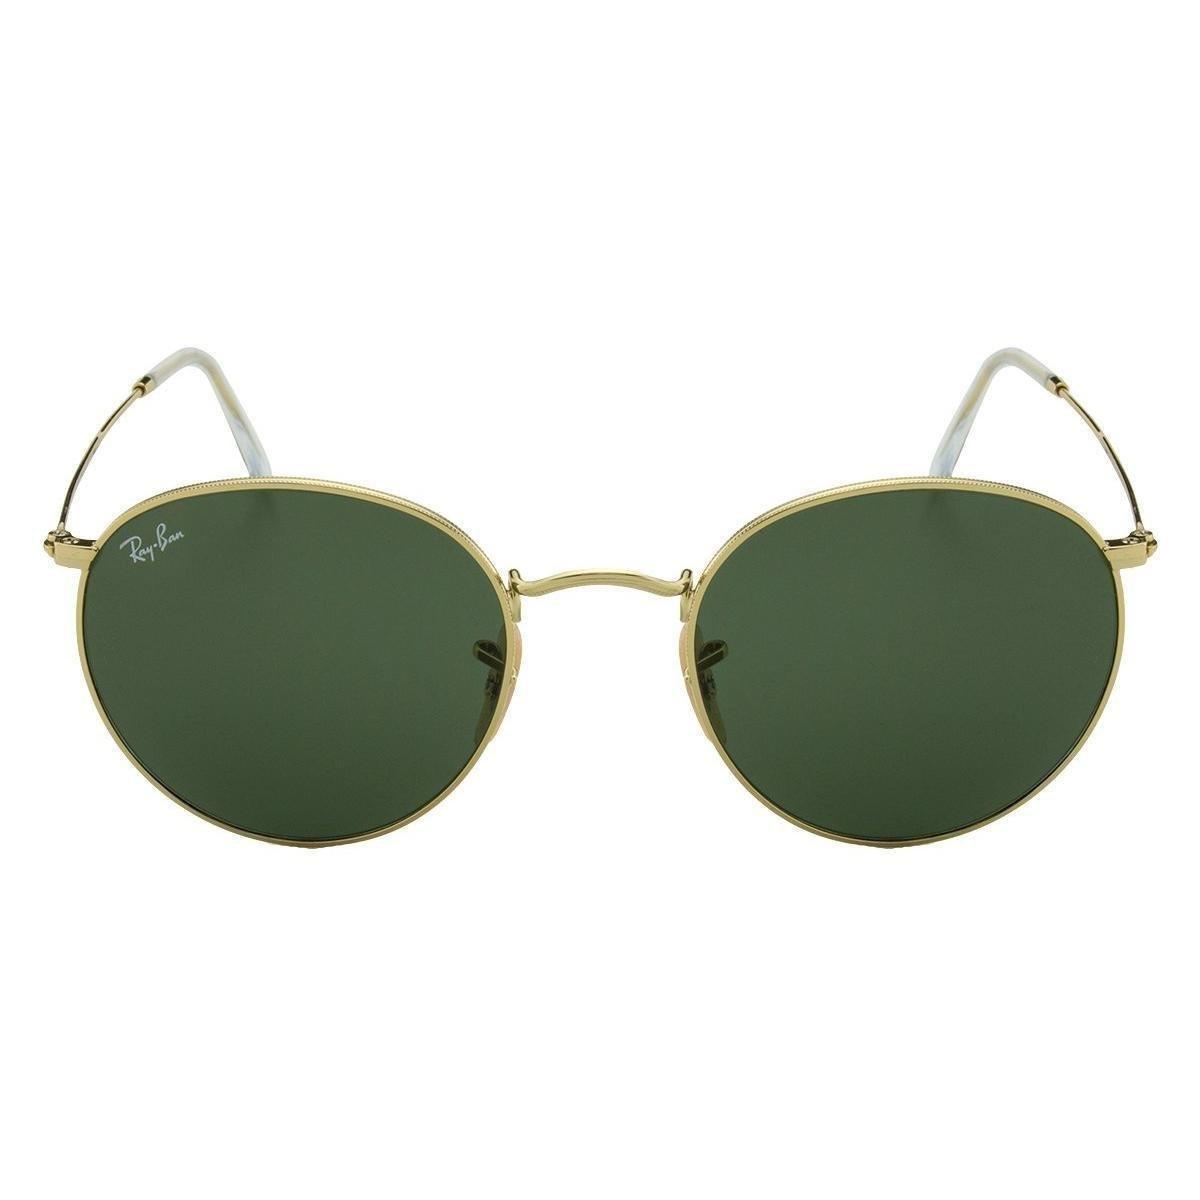 82bf86c221455 Óculos de Sol Ray-Ban Round Metal RB3447L - 9001A5 53 - Compre Agora ...